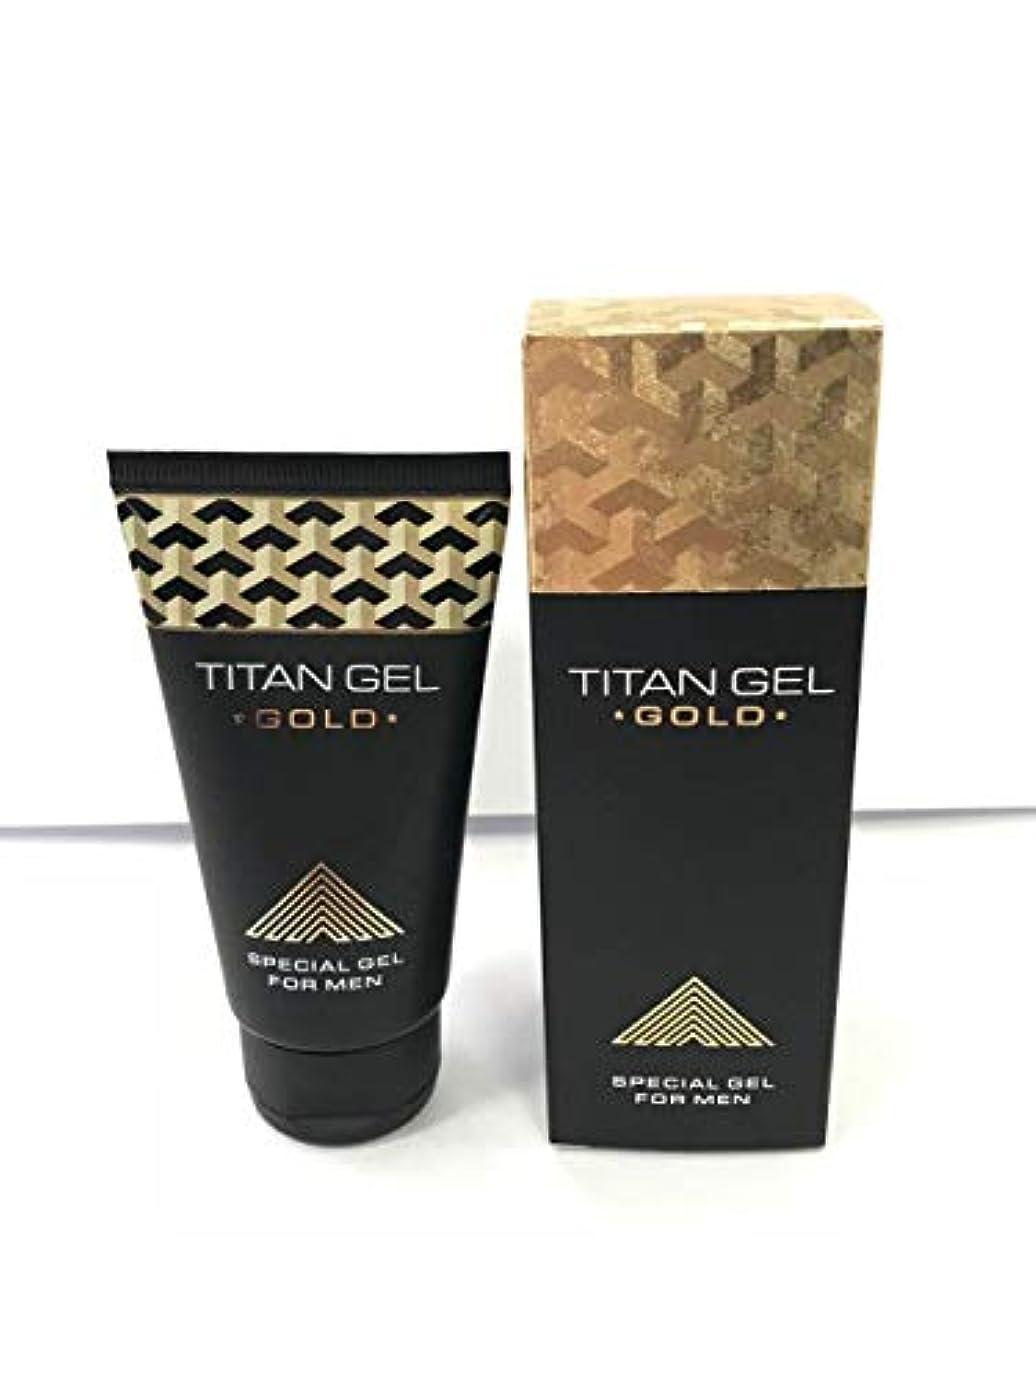 ペット集団的慢タイタンジェル ゴールド Titan gel Gold 50ml 3箱セット 日本語説明付き [並行輸入品]